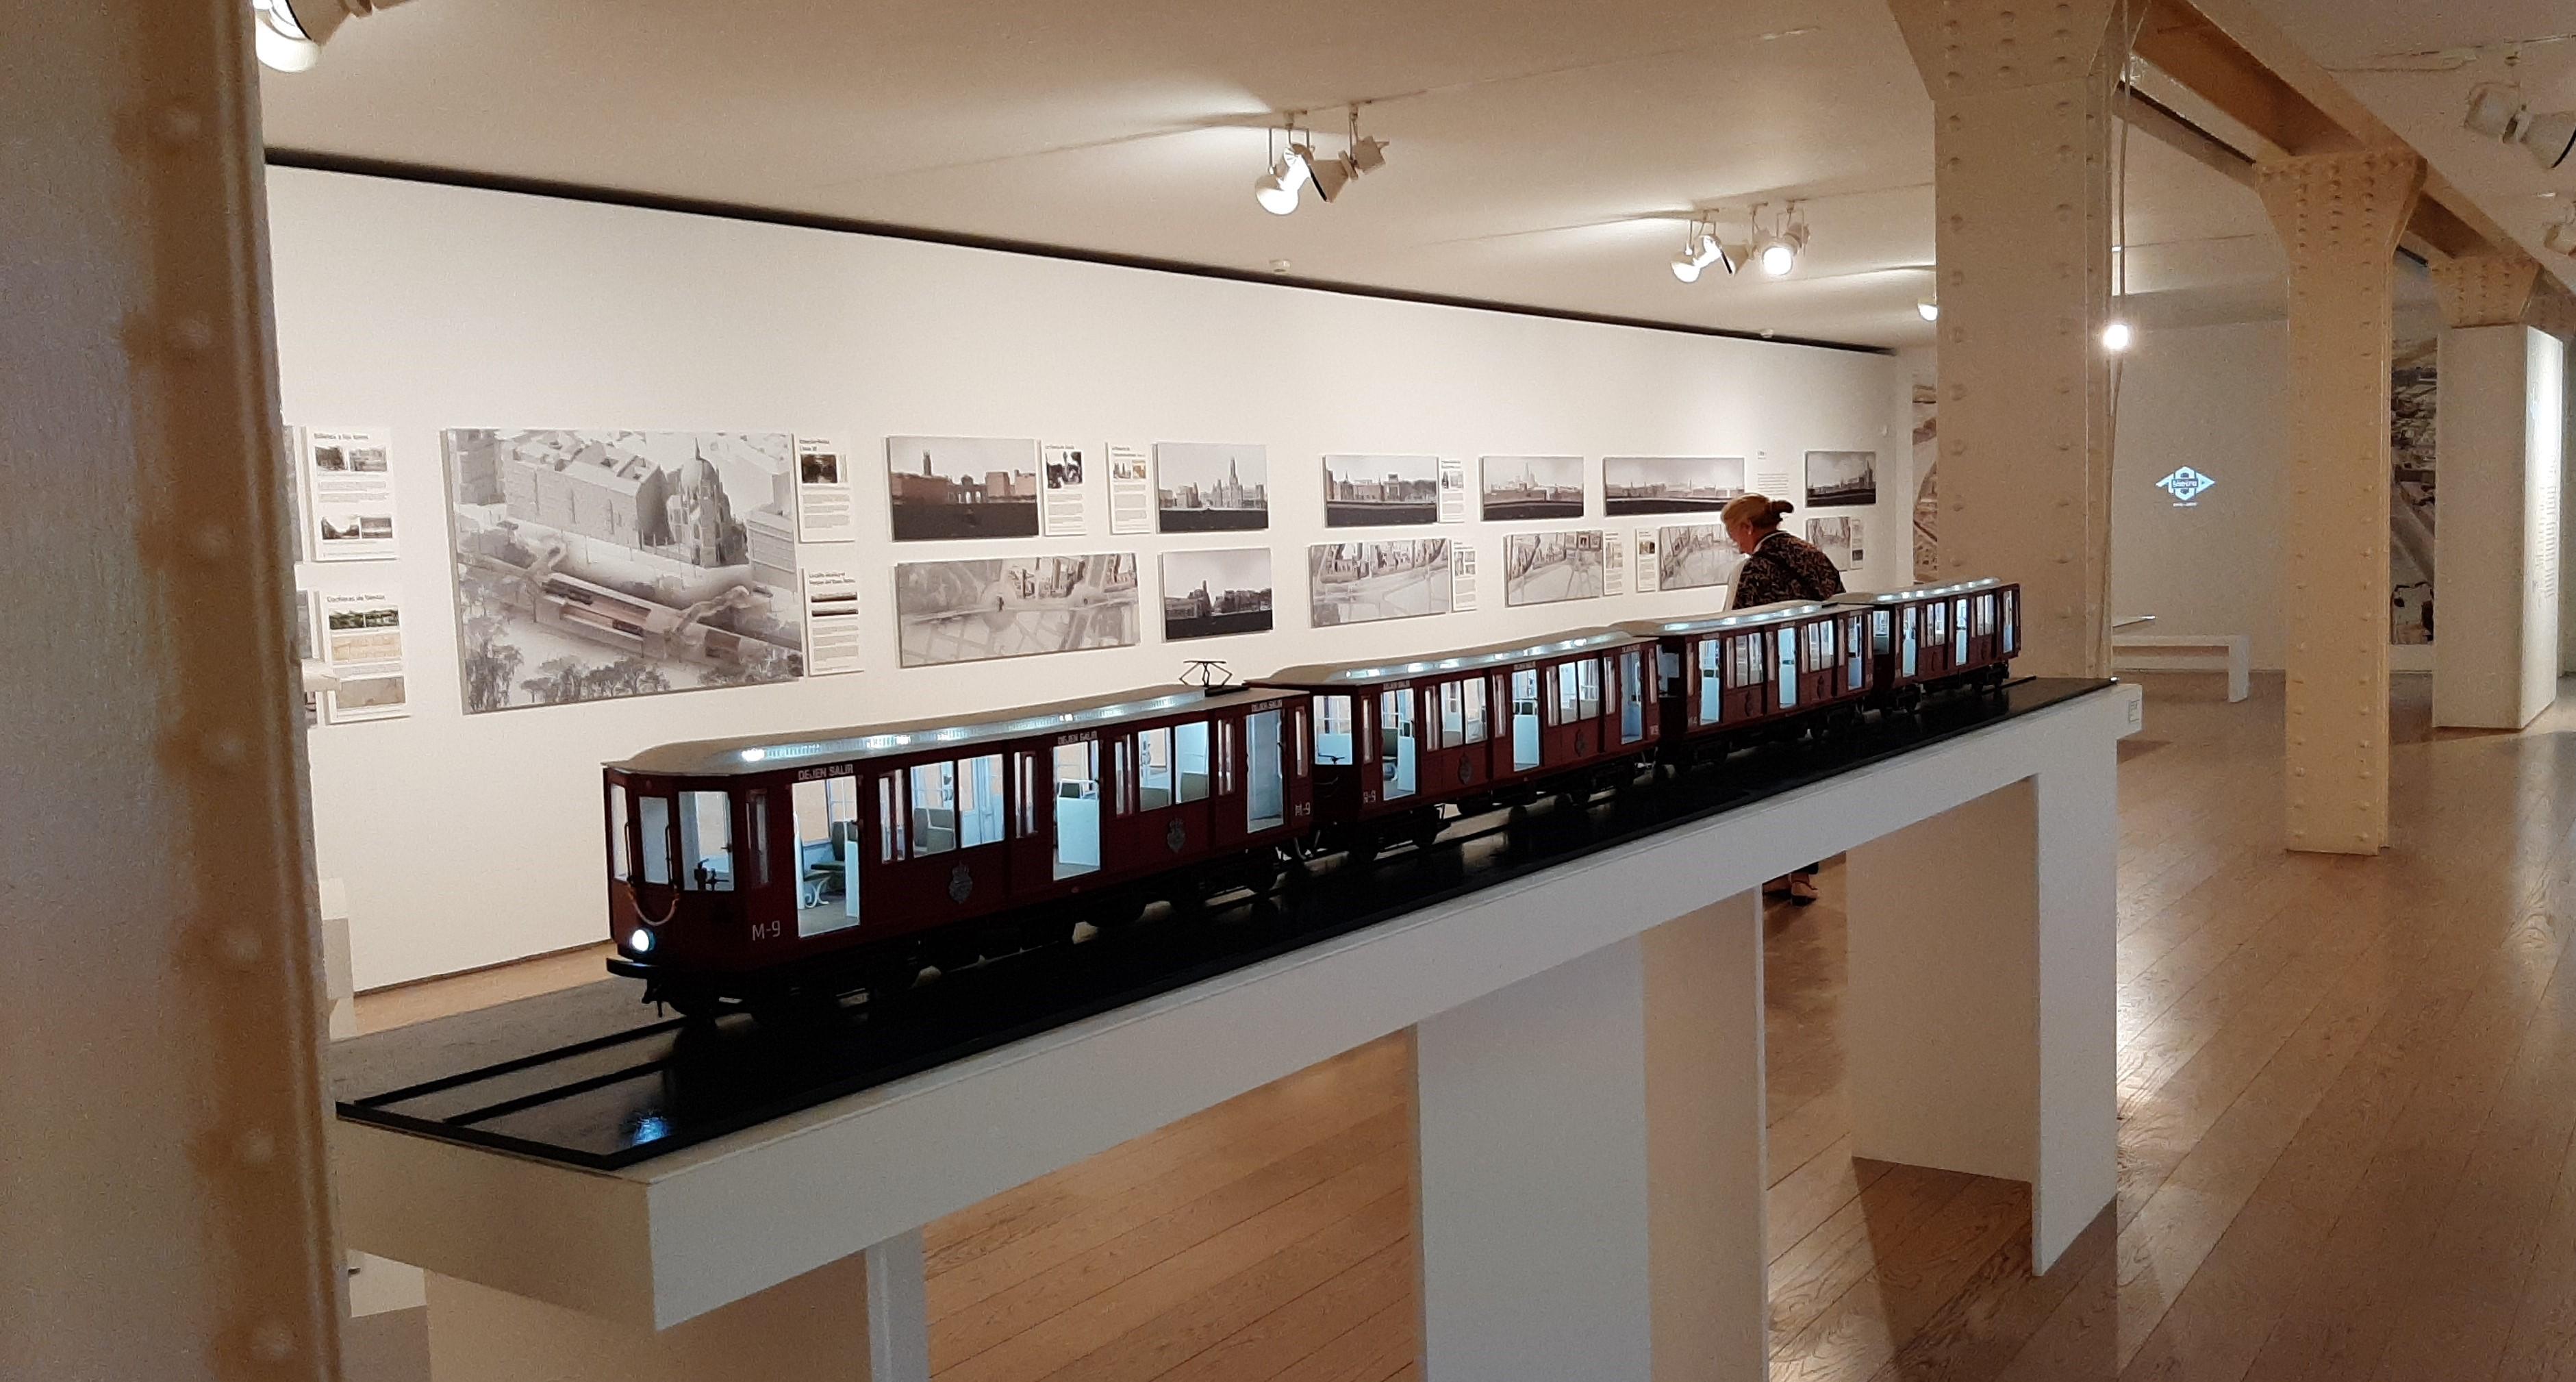 Inaugurada la exposición del centenario de Metro Madrid